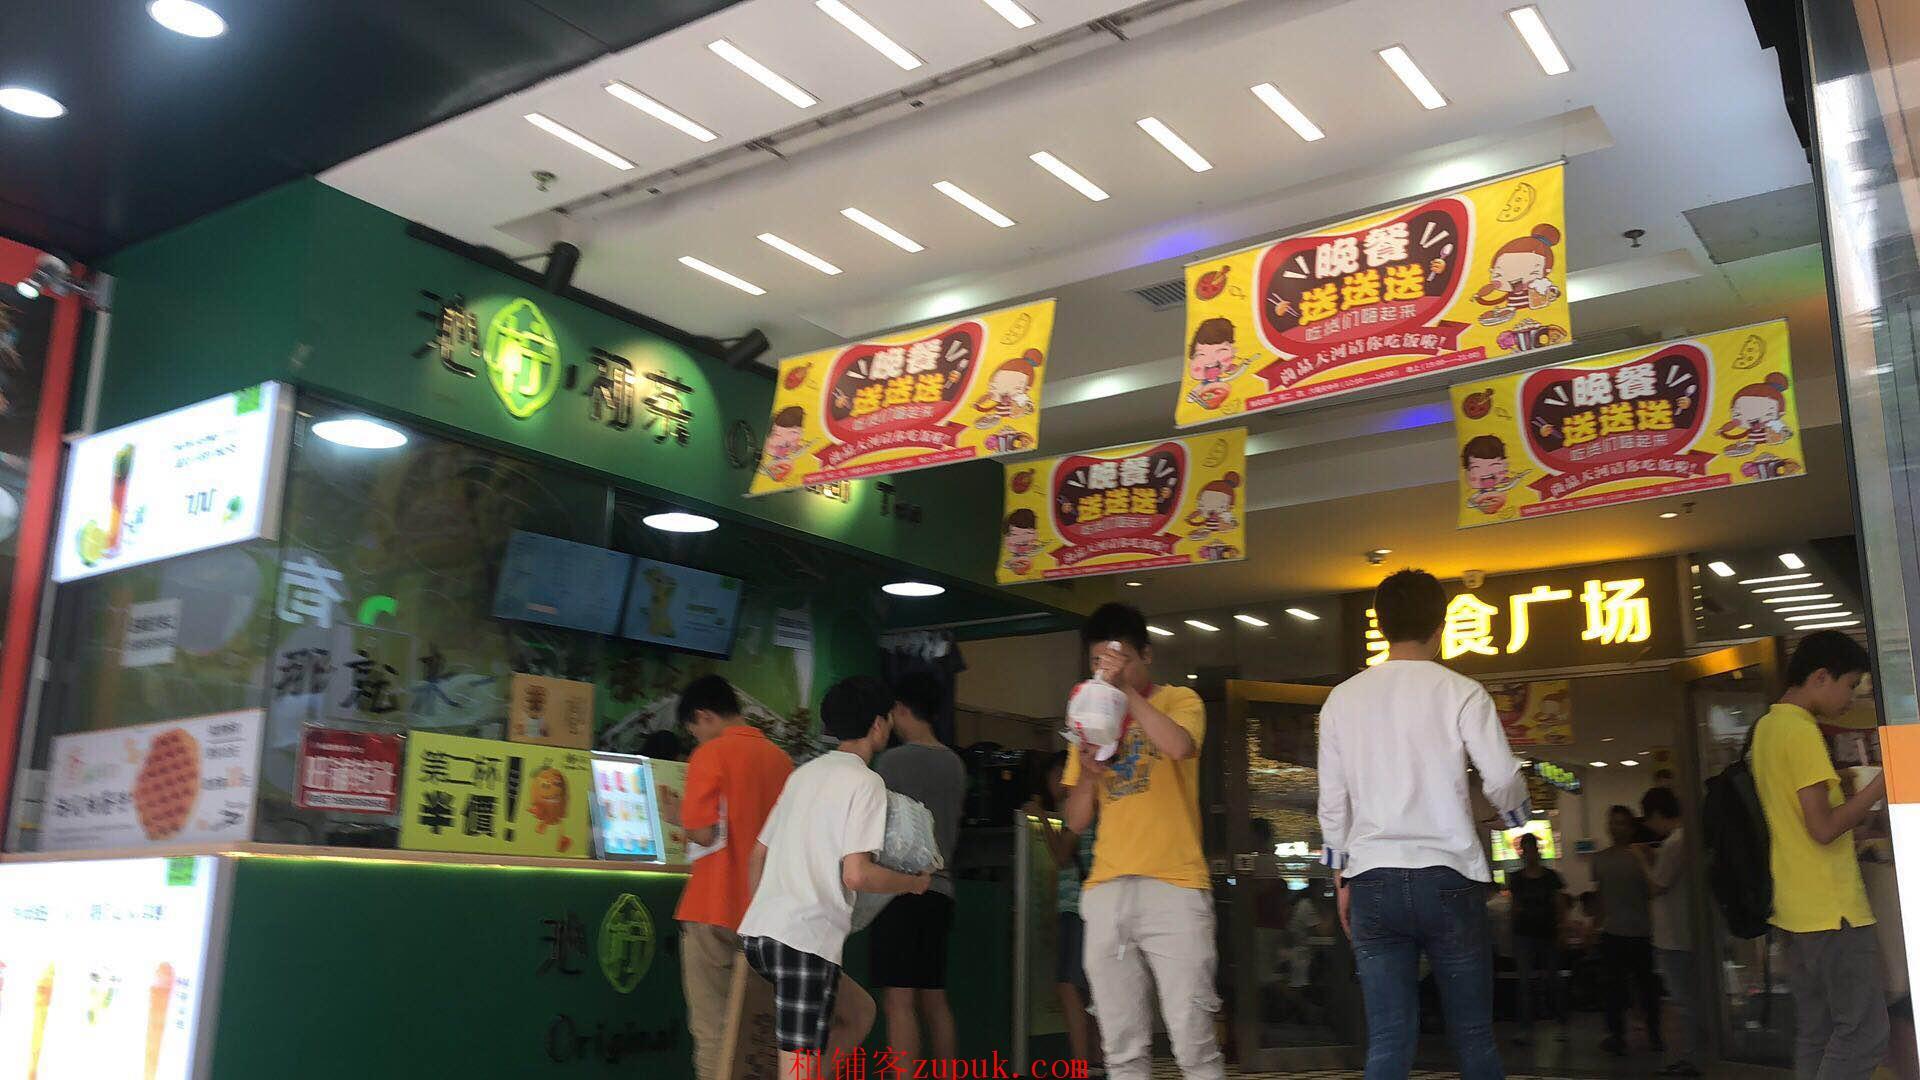 海珠赤岗临街旺铺,适合各类餐饮小吃饮品,路口位置,客流不断!